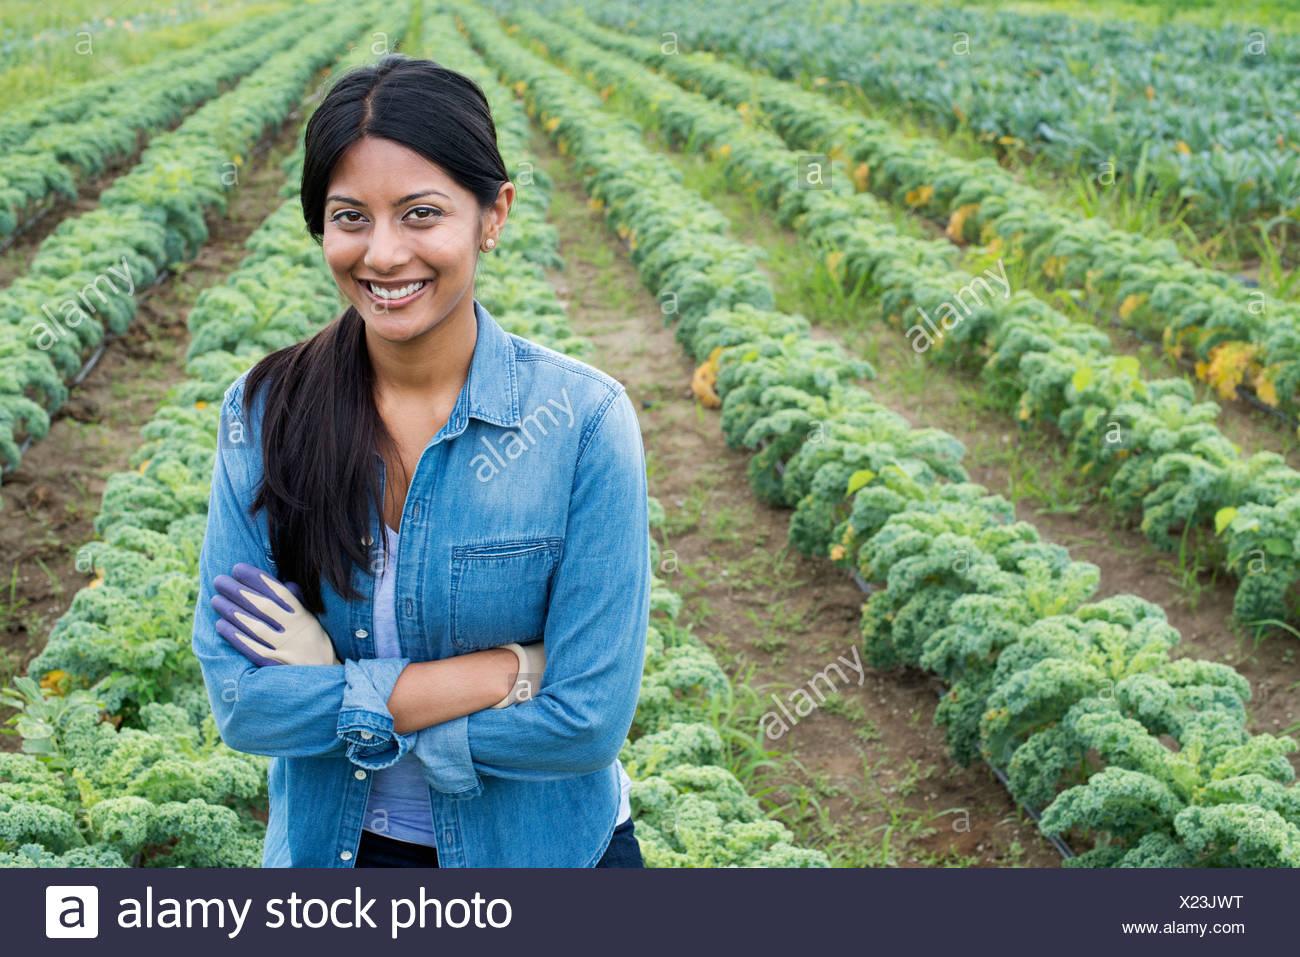 Des rangées de légumes vert frisé plantes croissant sur une ferme biologique. Un homme l'inspection de la culture. Photo Stock